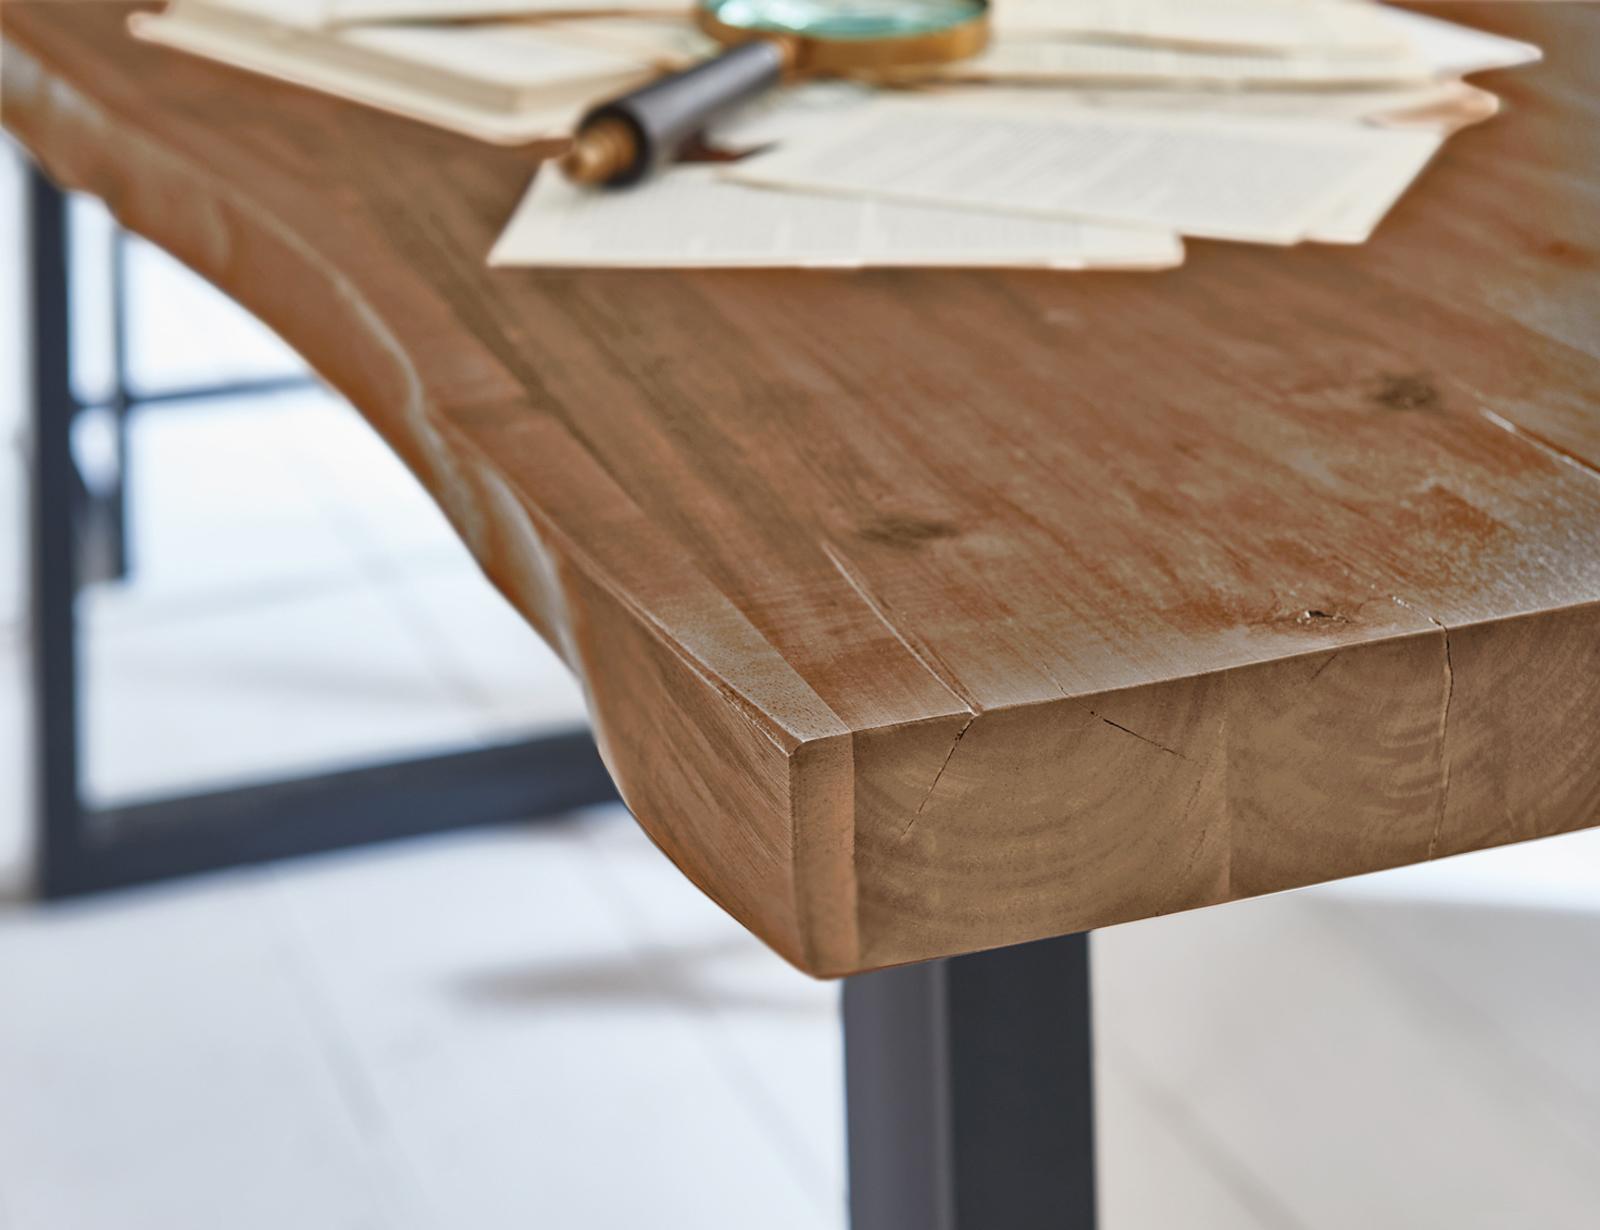 Sam Baumkantentisch Esszimmer Tisch 160 Cm Massiv Akazie Milo